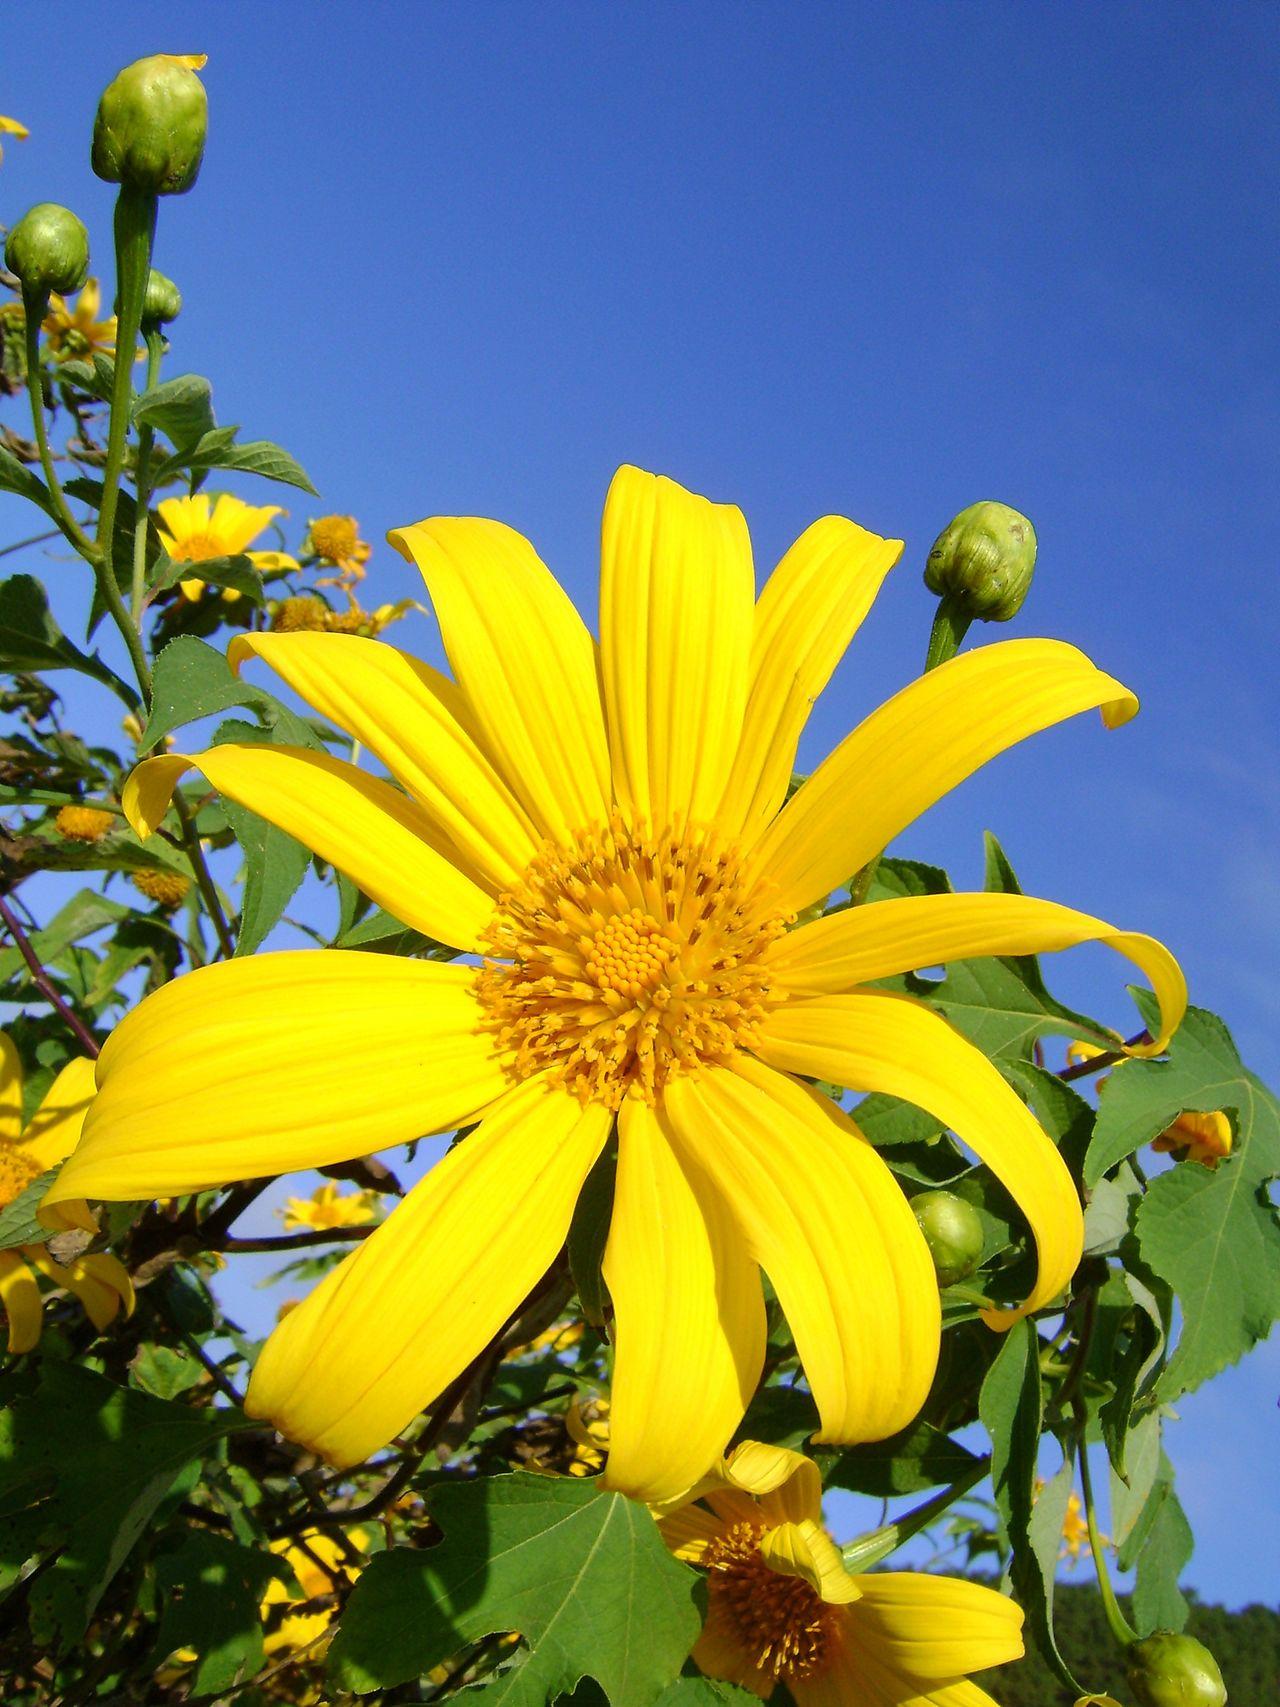 ดอกบัวตอง ณ. แม่อูคอ แม่ฮ่องสอน Beauty In Nature Blooming Close-up Flower Flower Head Fragility Freshness Growth Nature No People Outdoors Petal Plant Yellow ดอกบัวตอง